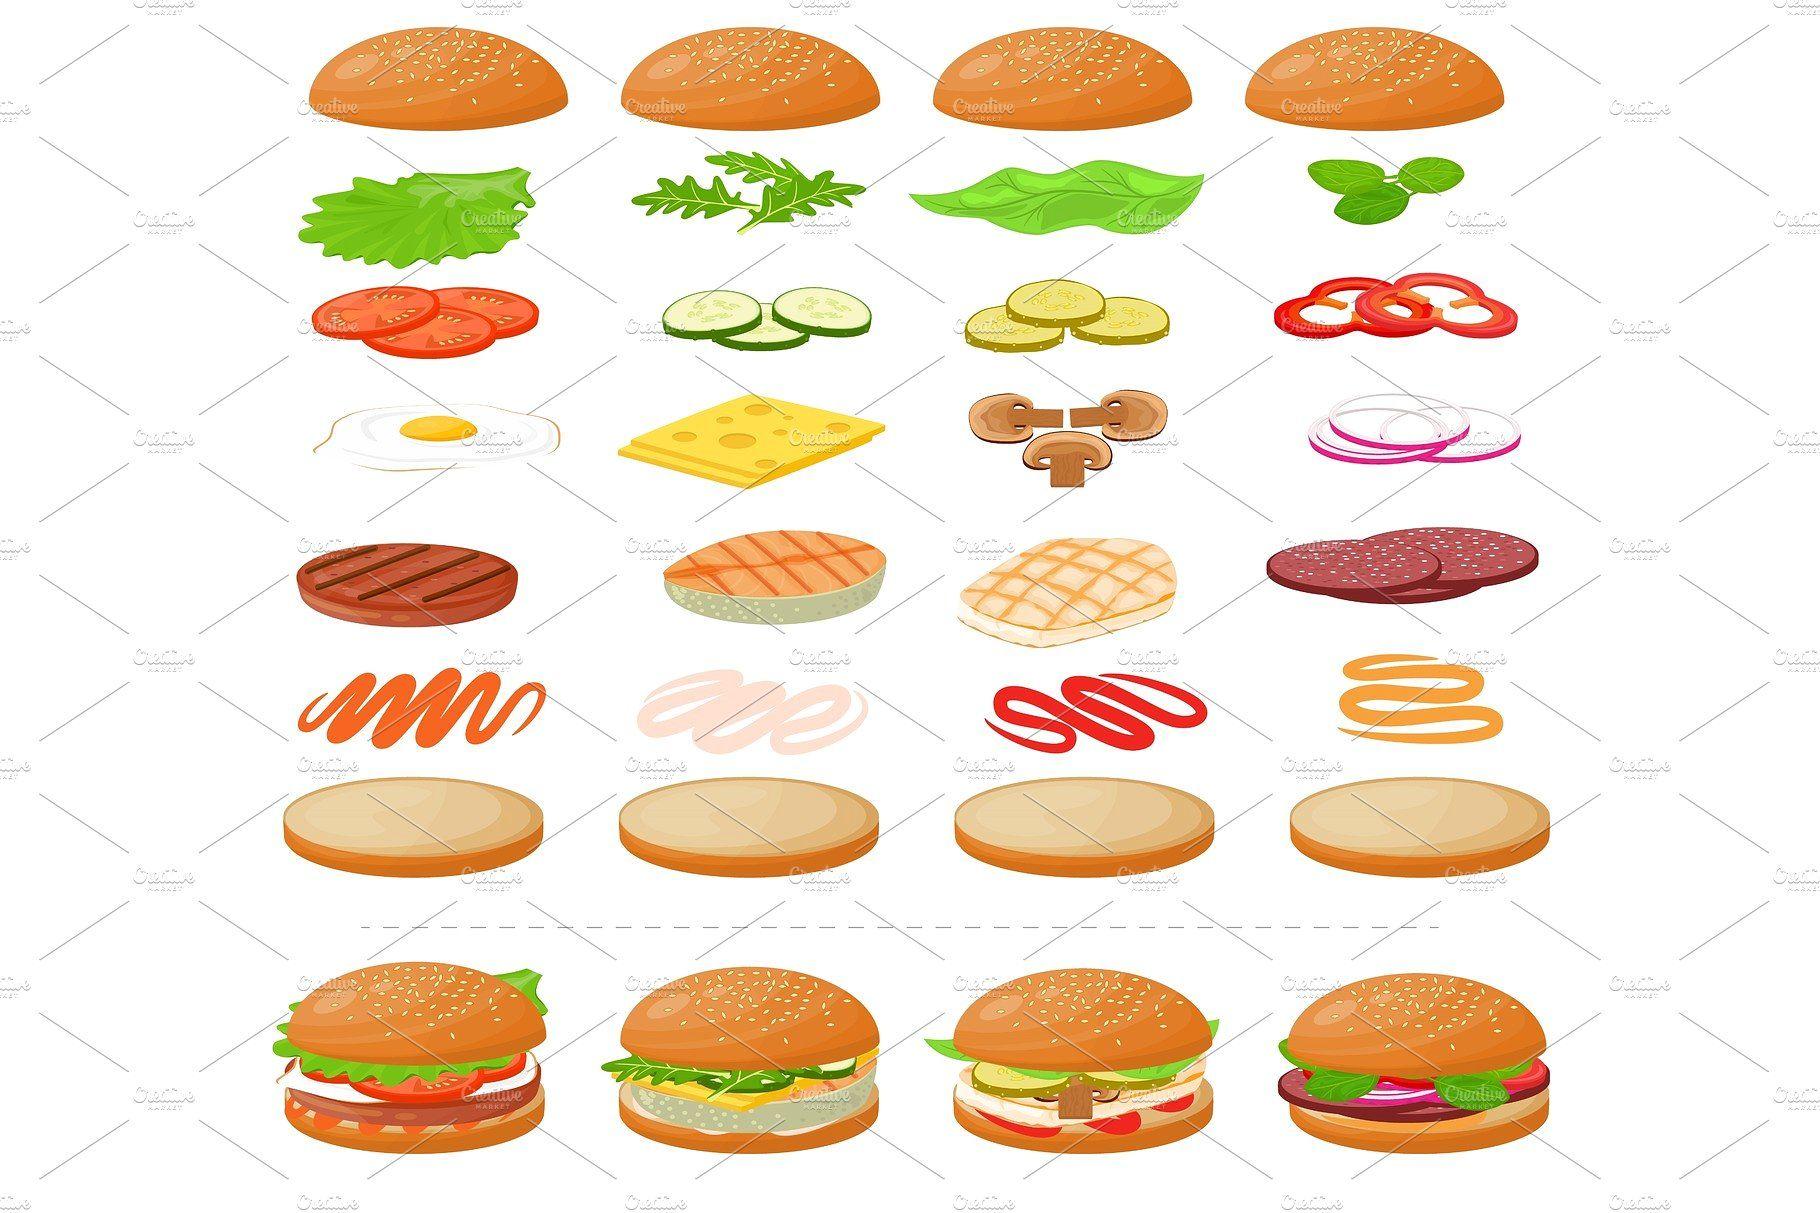 Burger vector fast food hamburger or cheeseburger